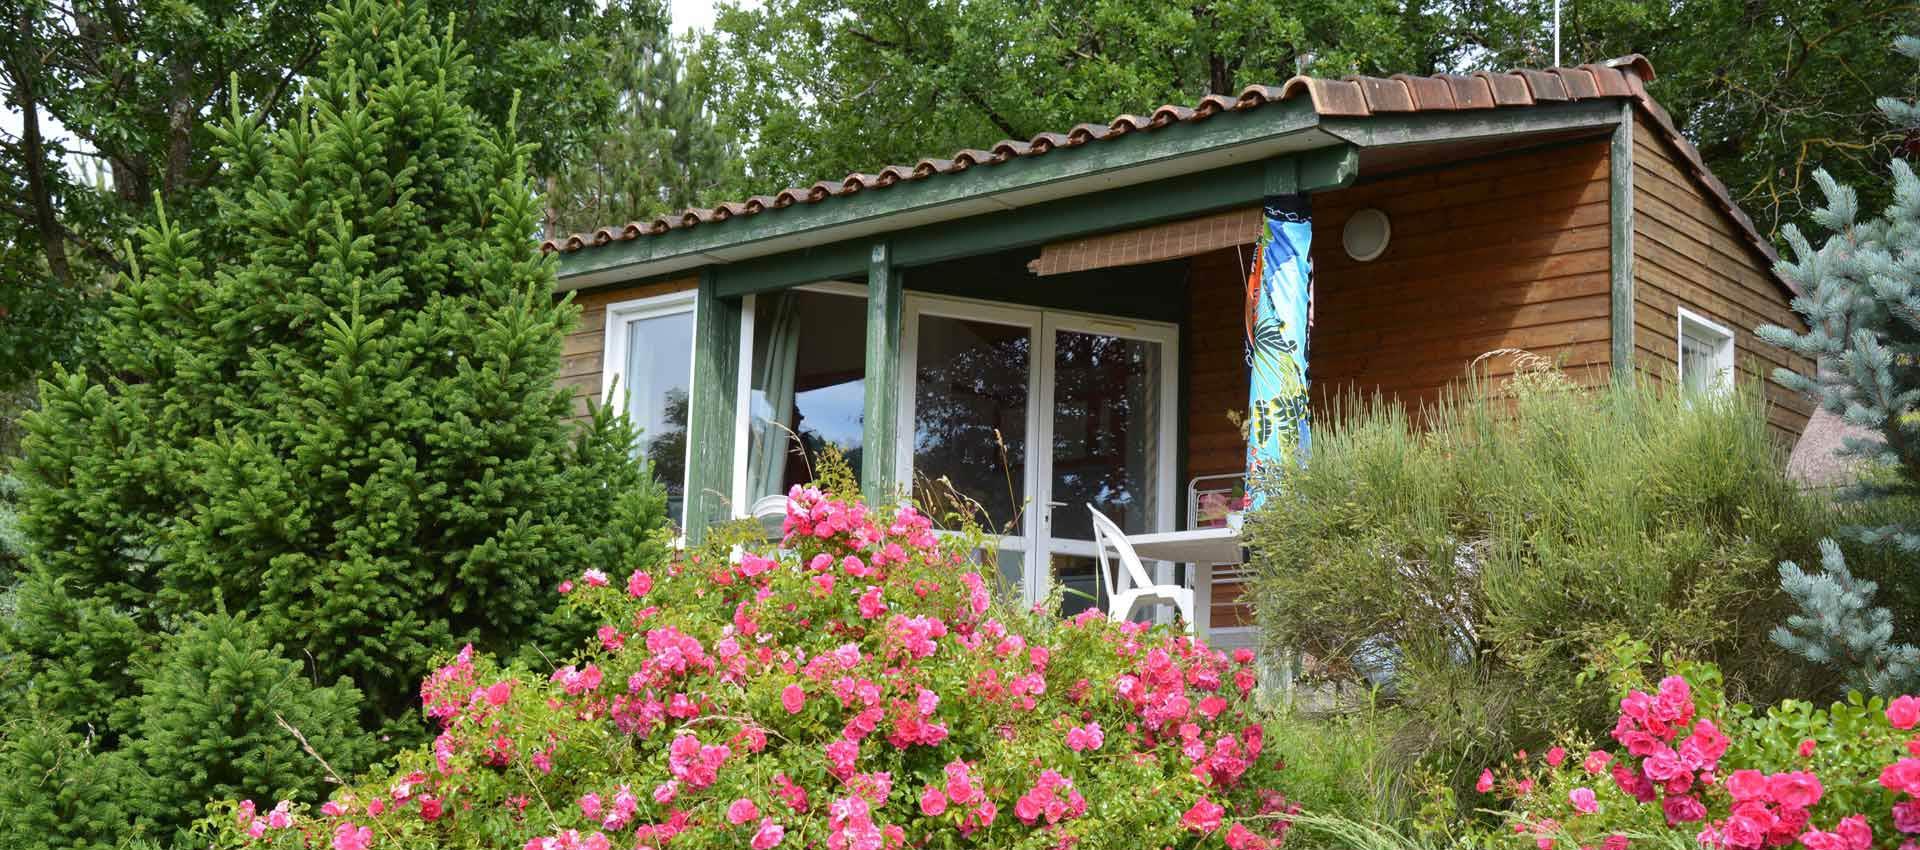 Location de vacances en chalet d tente dans le lot et garonne for Camping cahors piscine